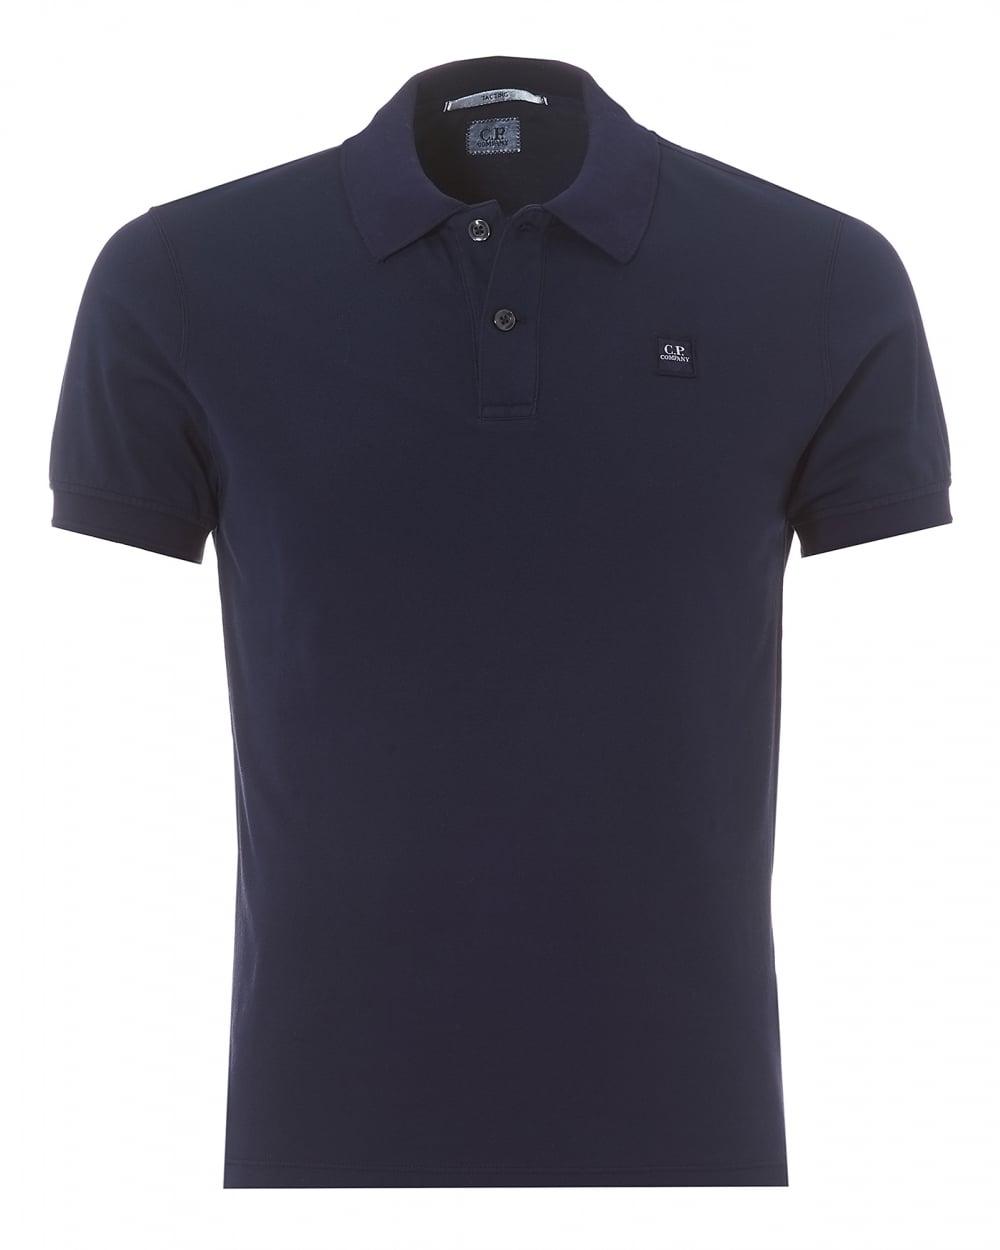 C p company mens plain indigo blue regular fit logo polo shirt for Polo shirt with company logo